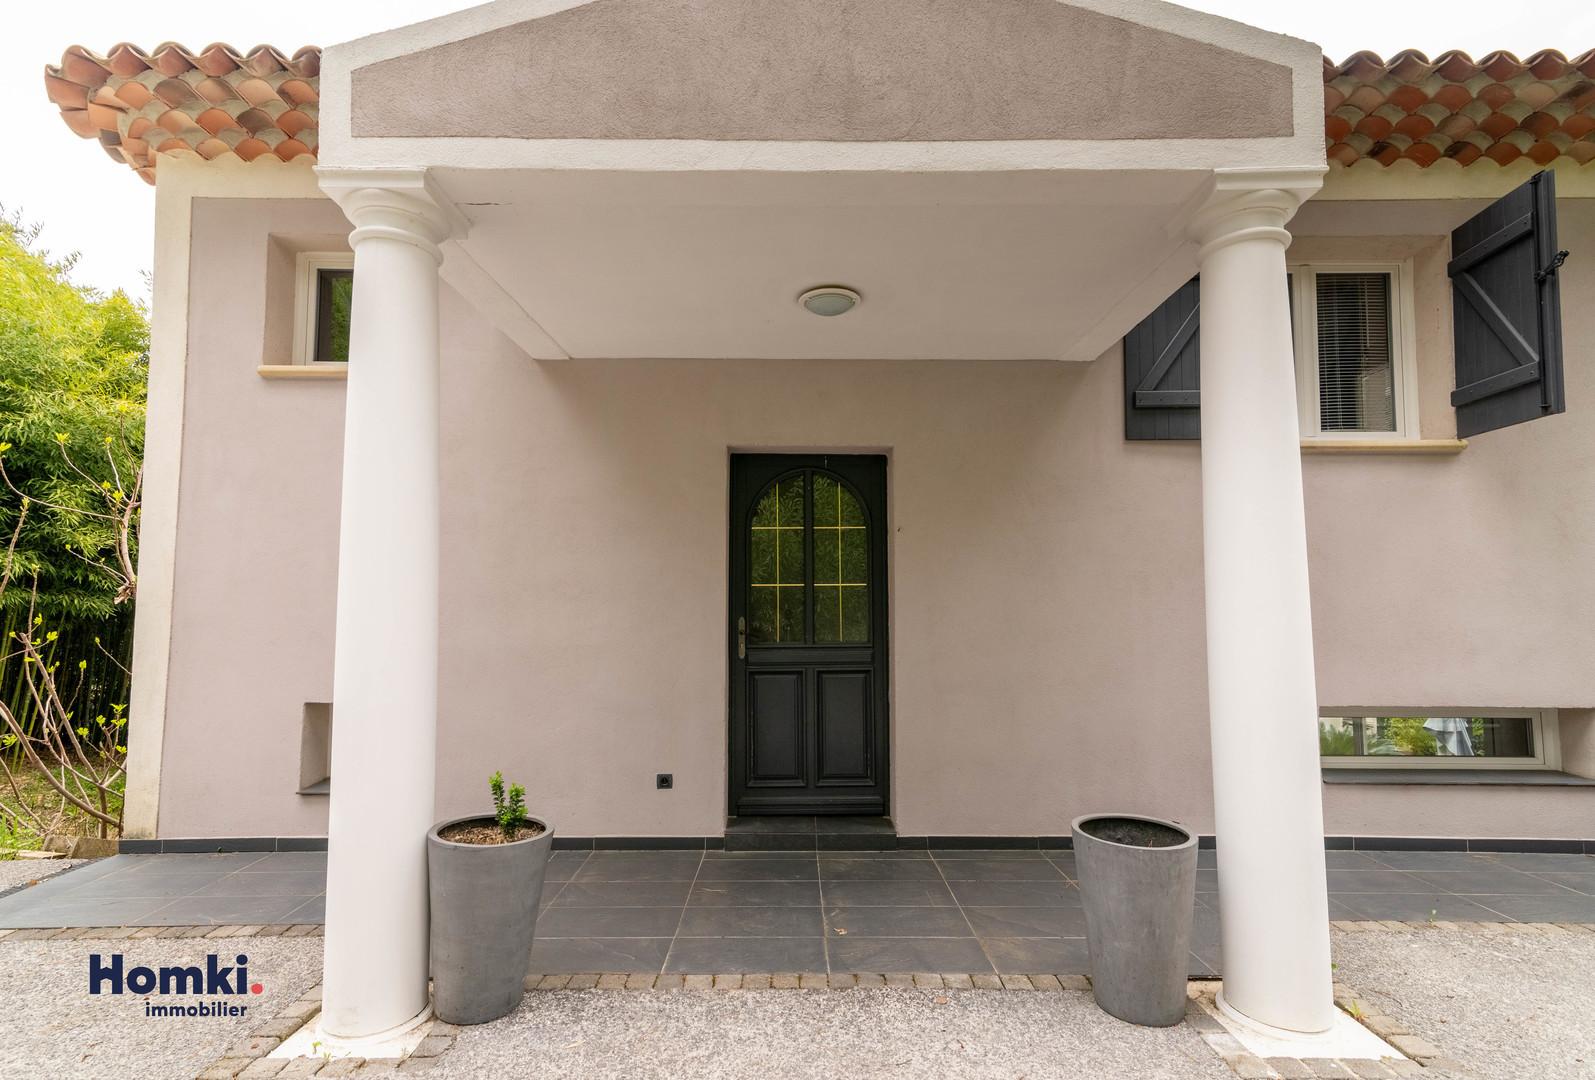 Vente Maison 112 m² T4 06810_13